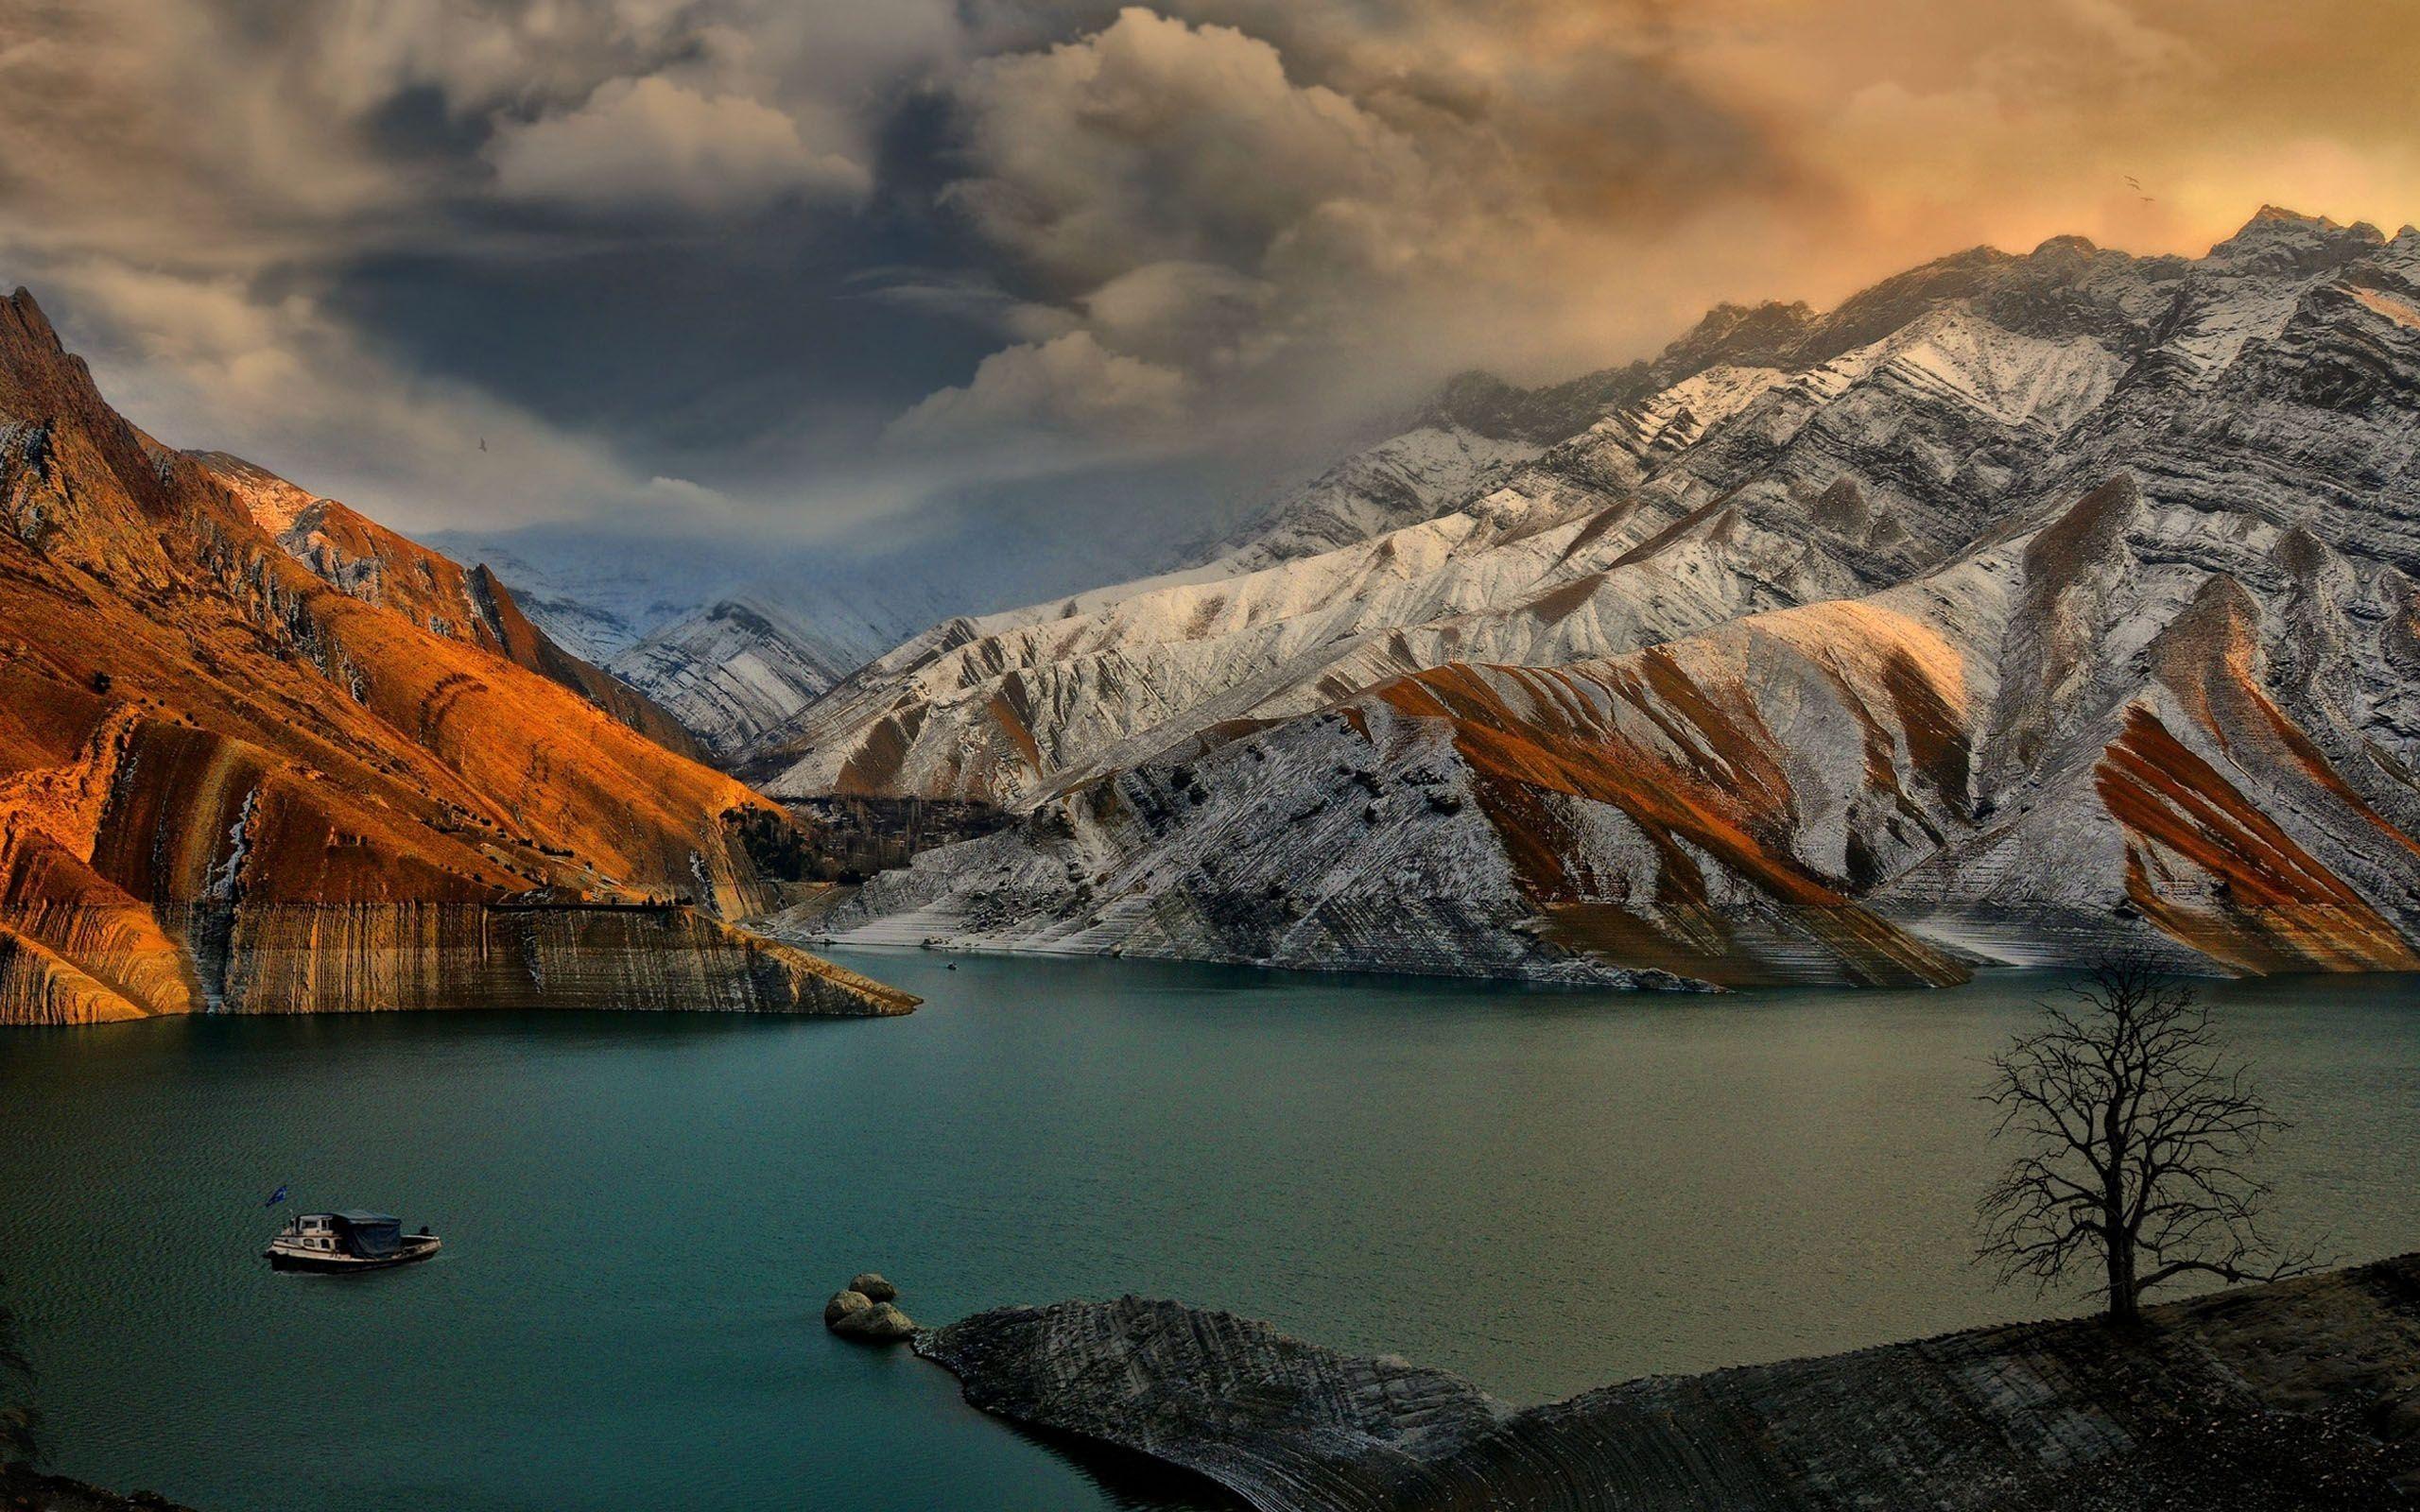 Iran Dam Landscapes Nature Rivers Wallpaper Lake Landscape Landscape Wallpaper 4k Background